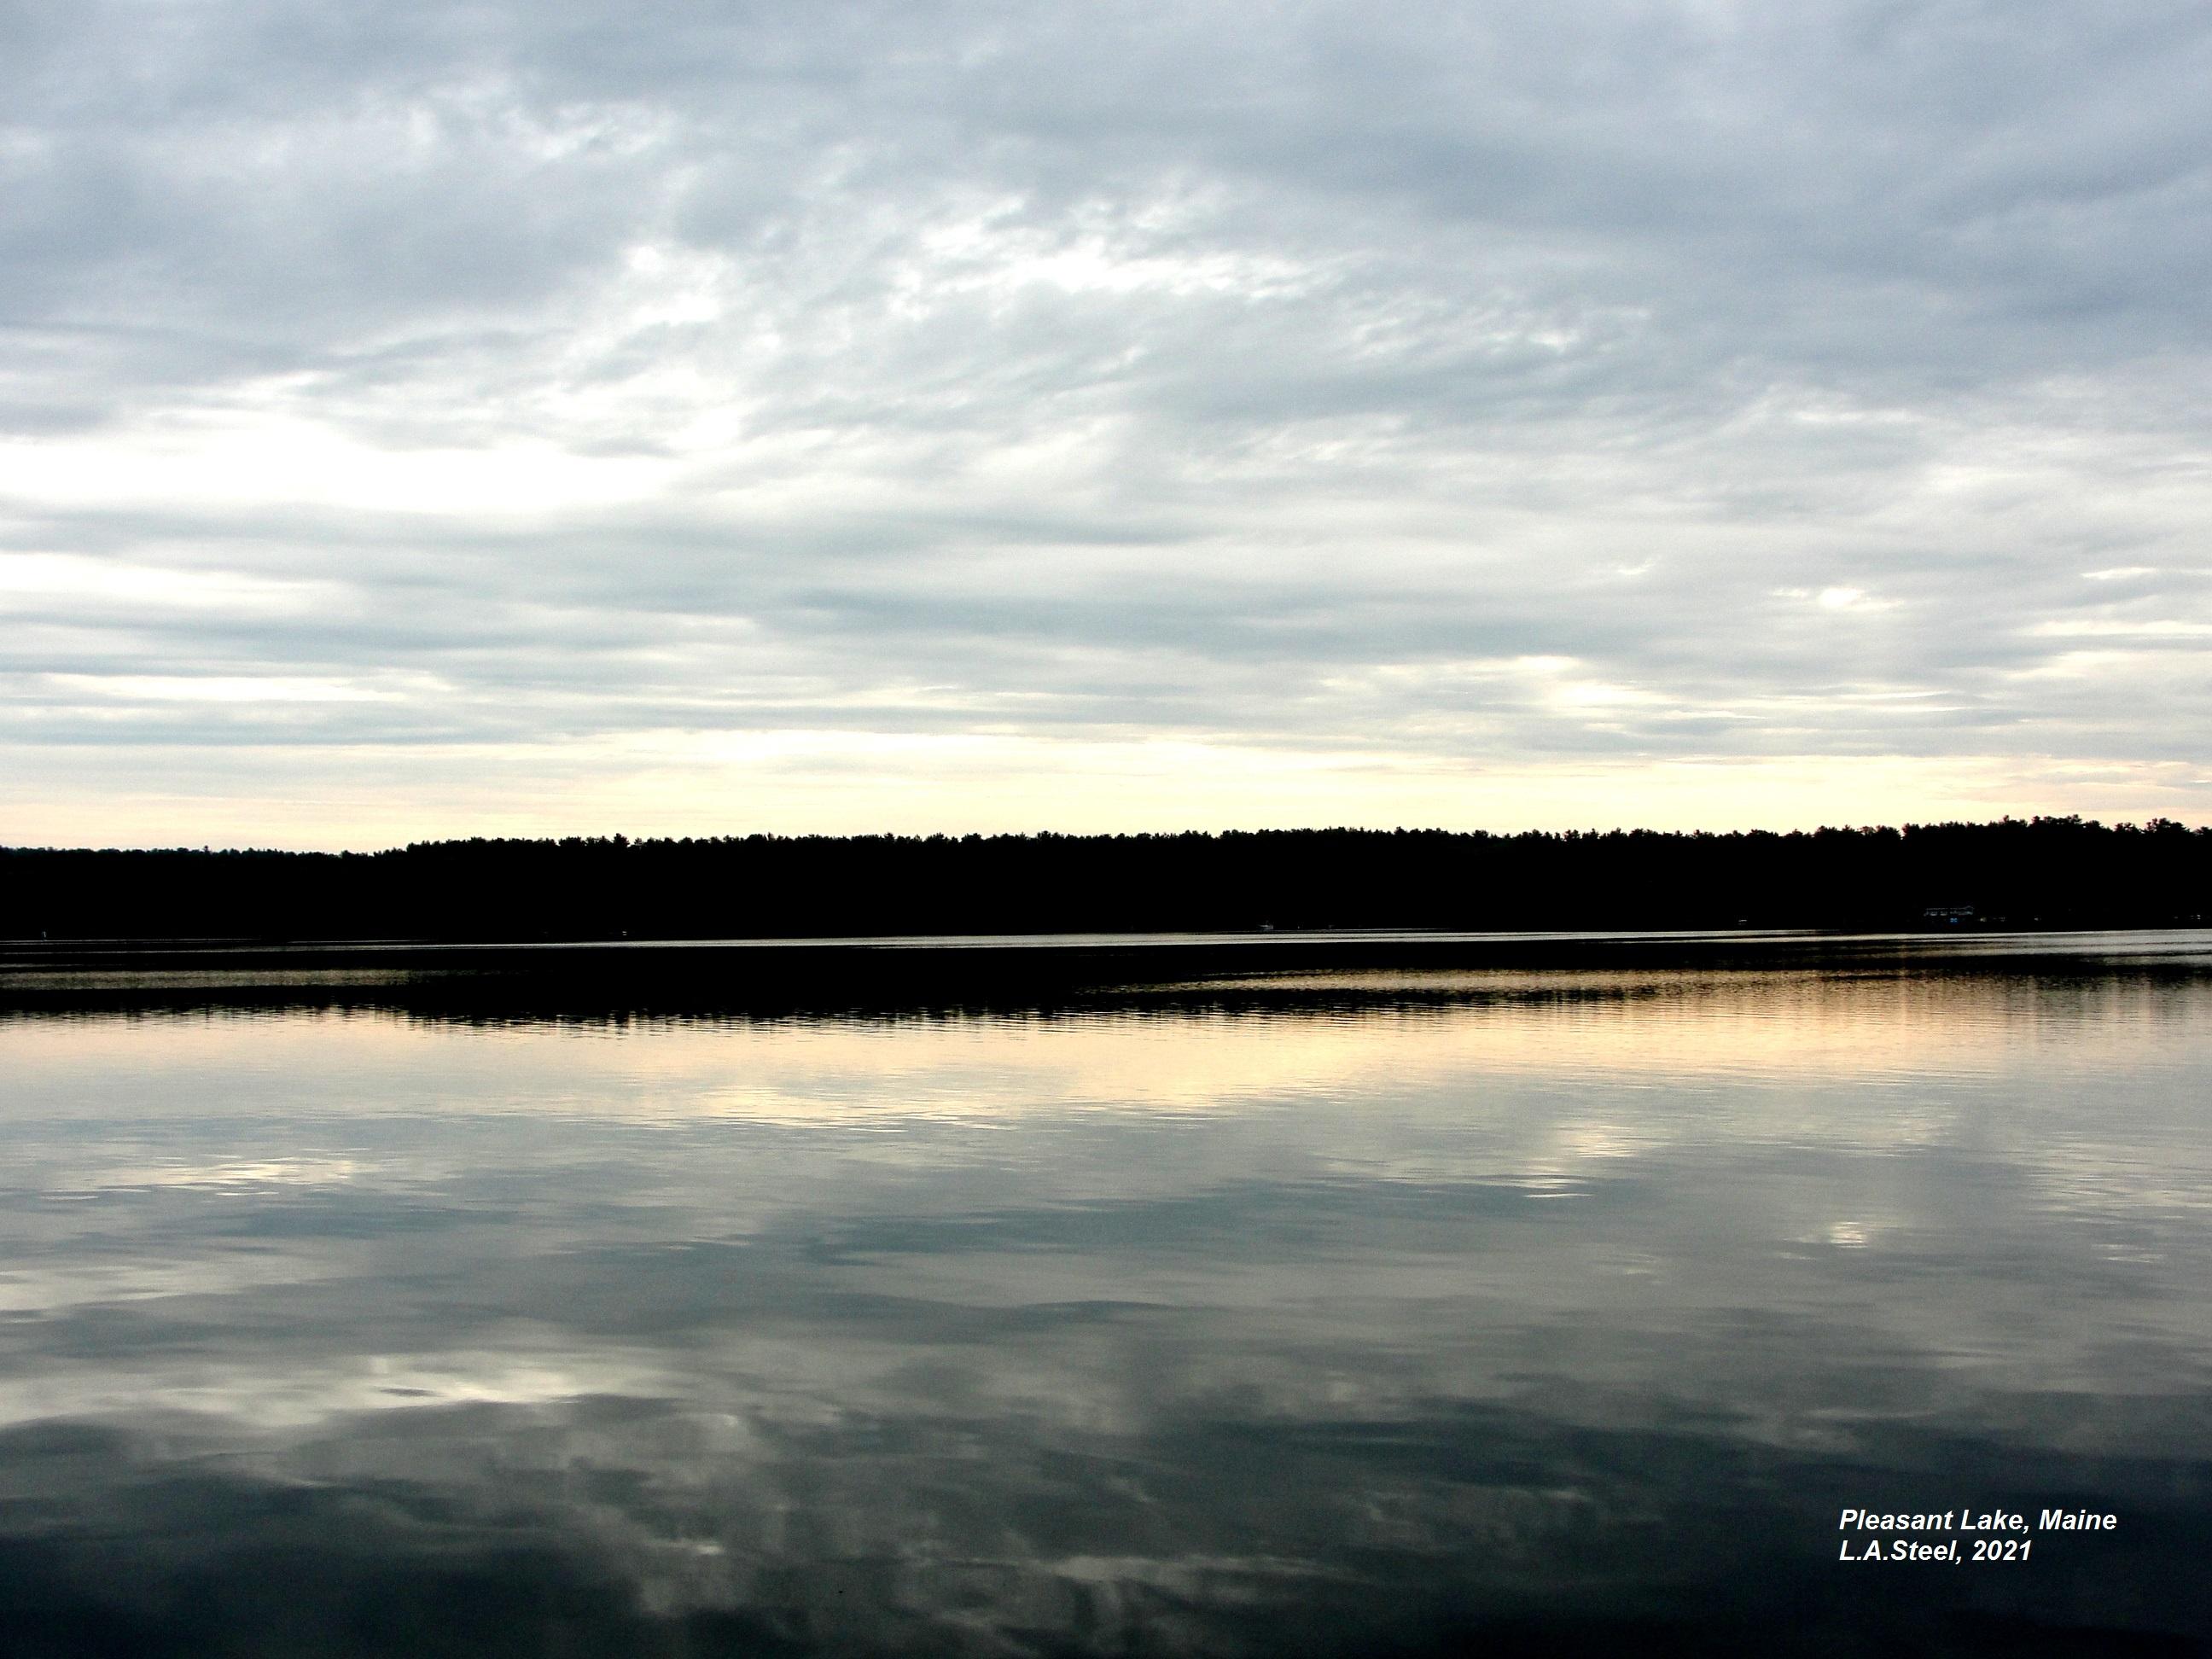 pleasant lake maine 2021.jpg 3